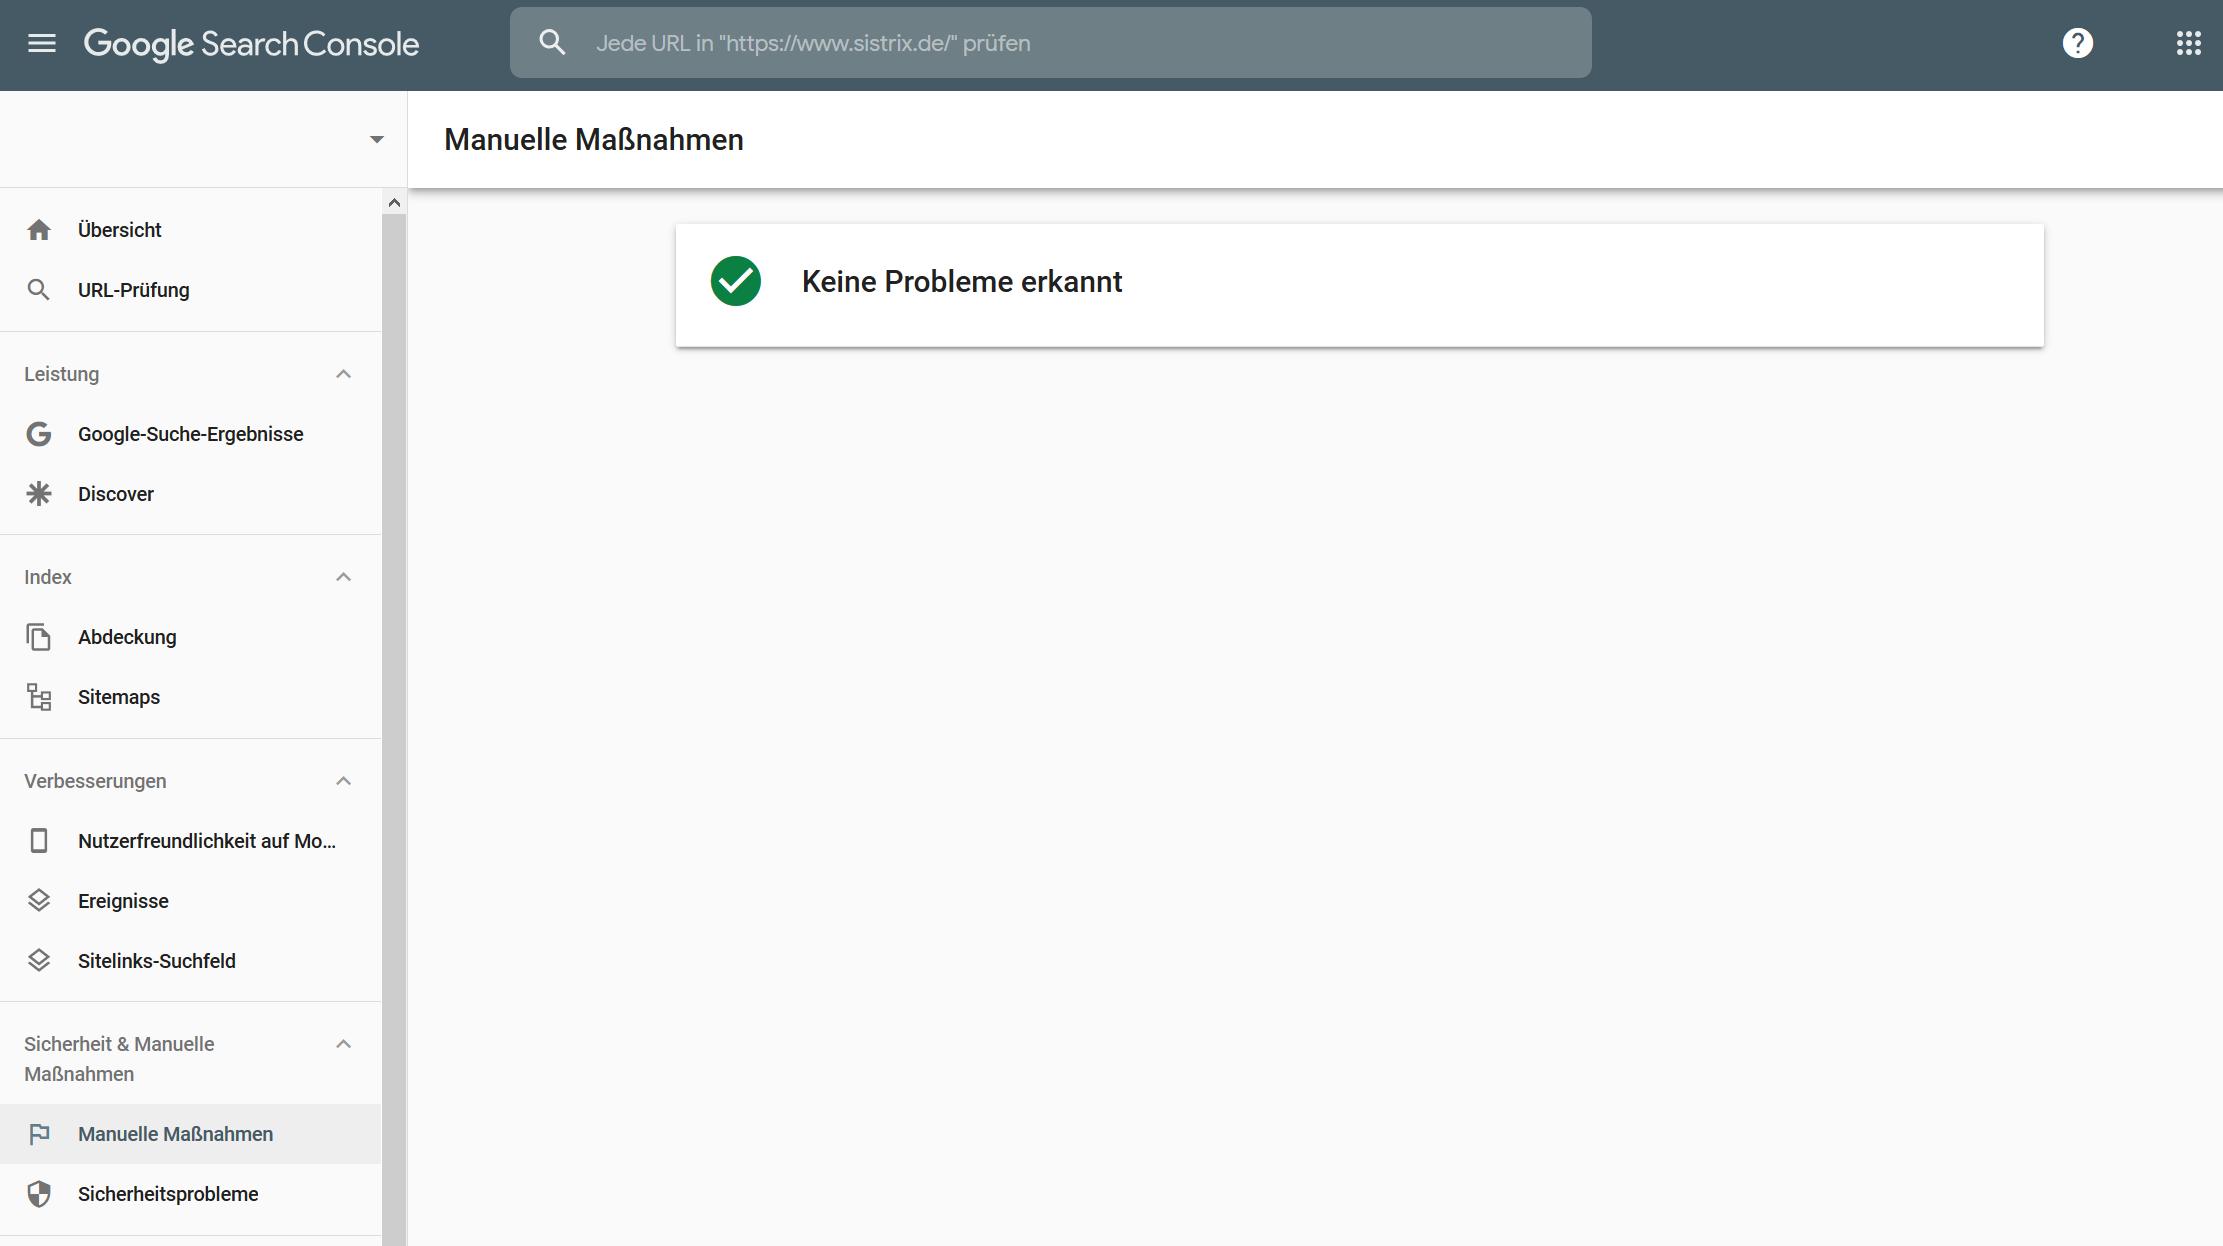 """Screenshot aus der Google Search Console im Navigationsunterpunkt """"Manuelle Maßnahmen"""". Bei dieser Webseite wurden keine Probleme erkannt."""